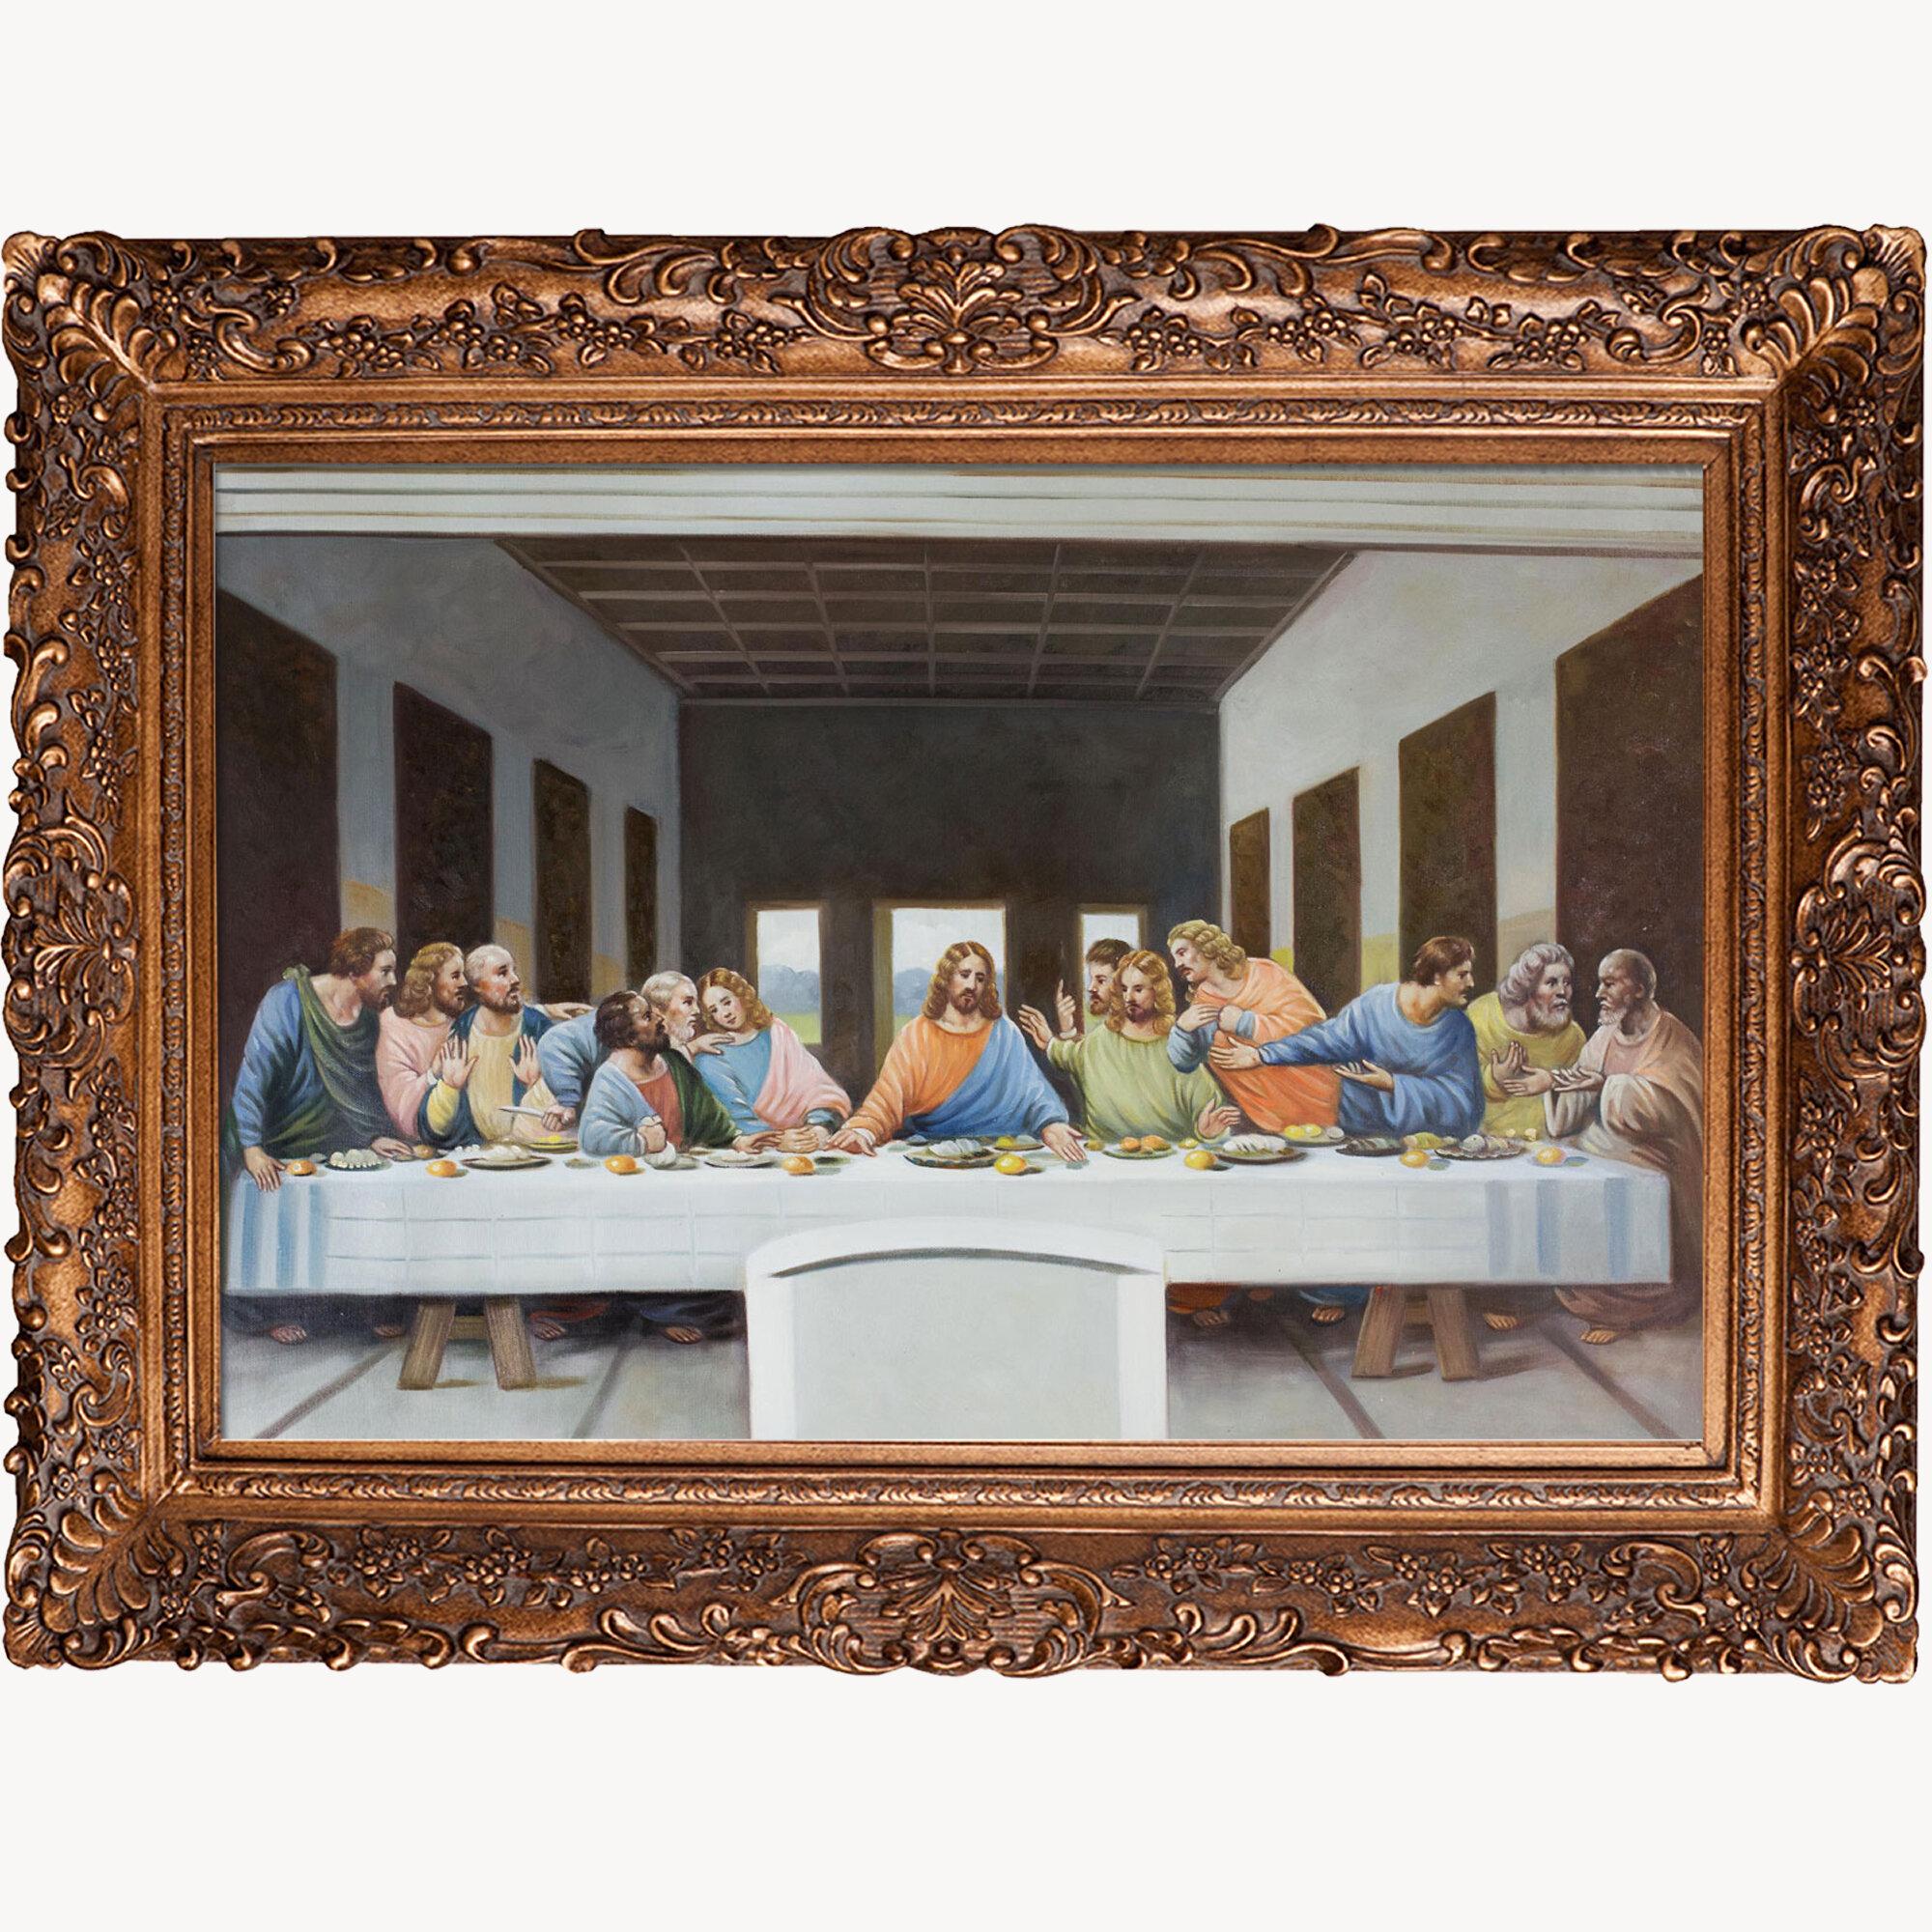 Leonardo Da Vinci The Last Supper Coloring Page The Last Supper Leonardo Da Vinci Framed Painting Print